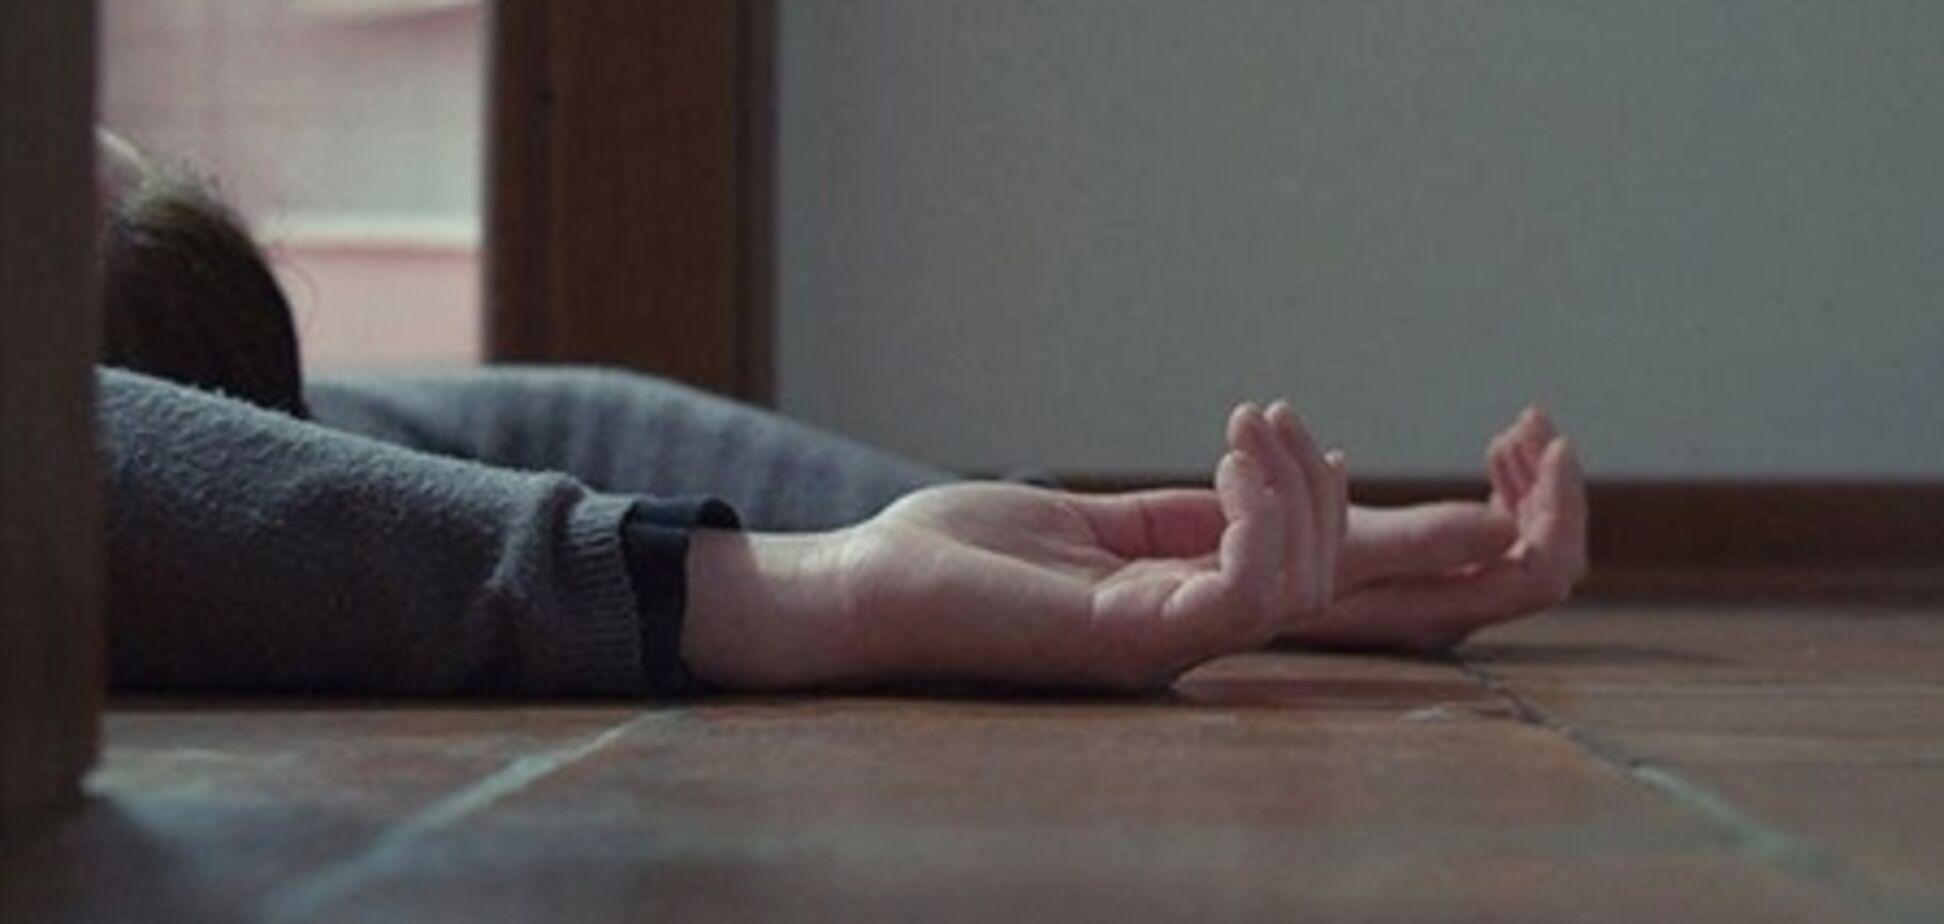 Изрезаны лицо и руки: в Кривом Роге загадочно умерла супружеская пара